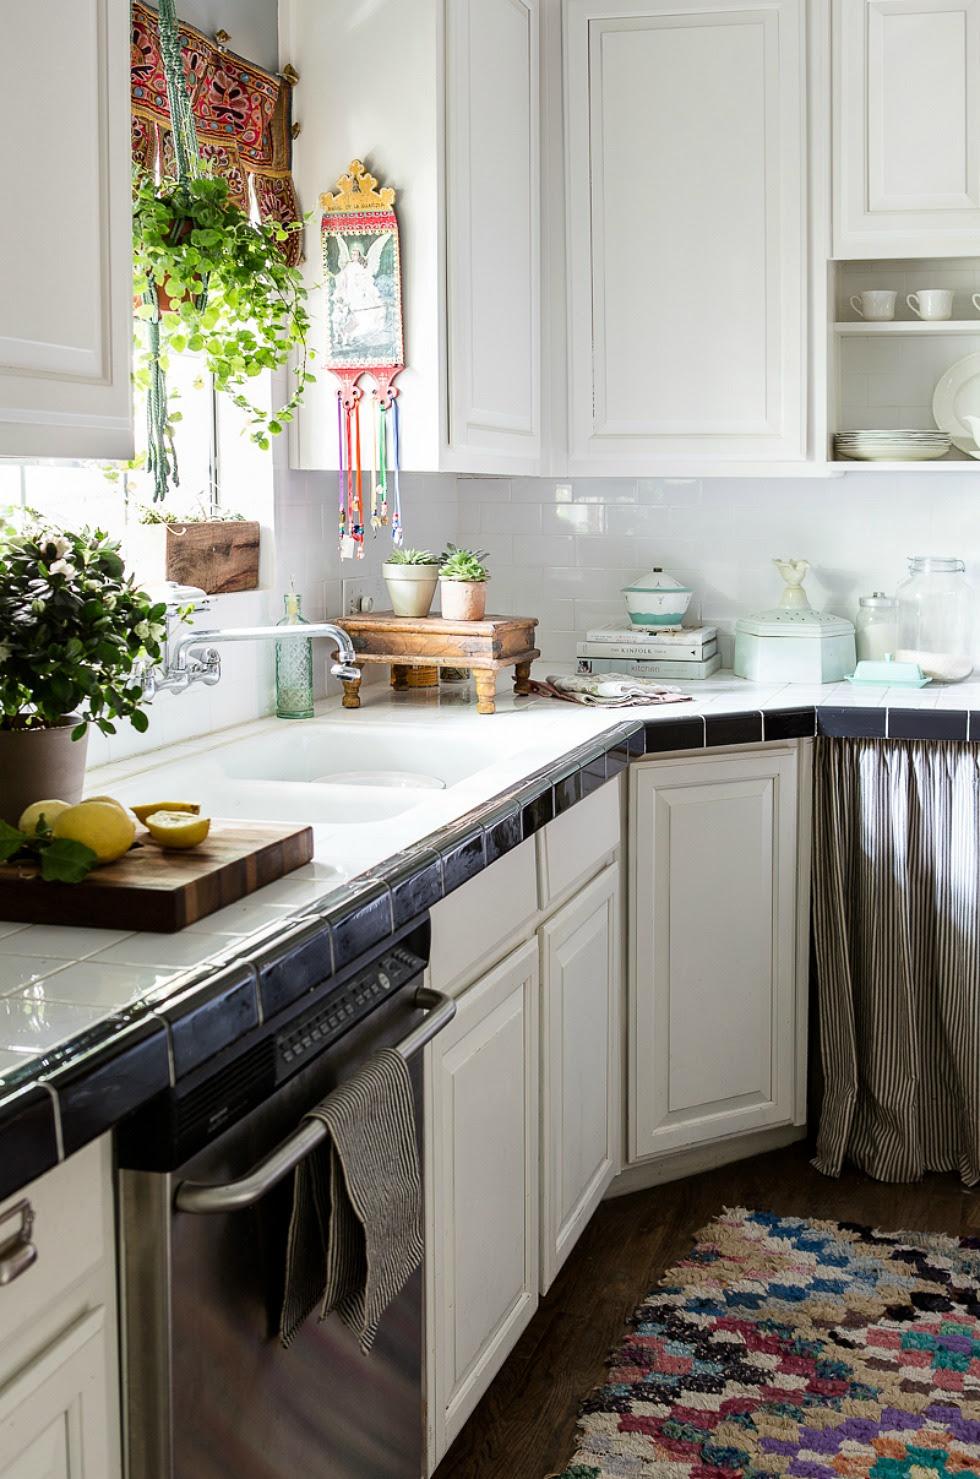 rustic farmhouse kitchen decor - Rustic Kitchen Décor ...